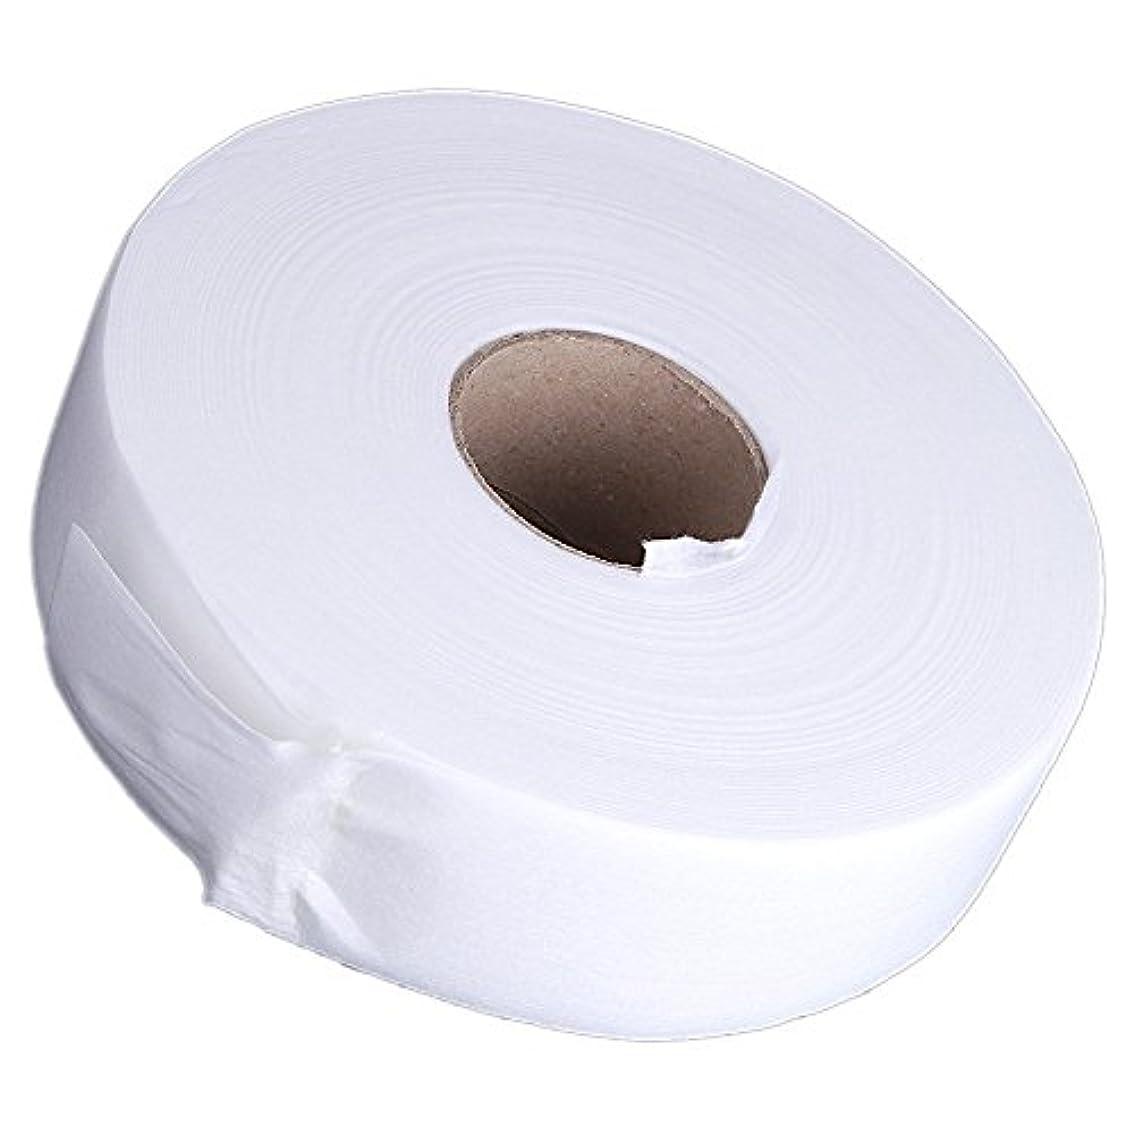 叙情的なモンキーバングラデシュSODIAL 100ヤードの脱毛紙脱毛ワックスストリップ 不織布ペーパーワックスロール(白)